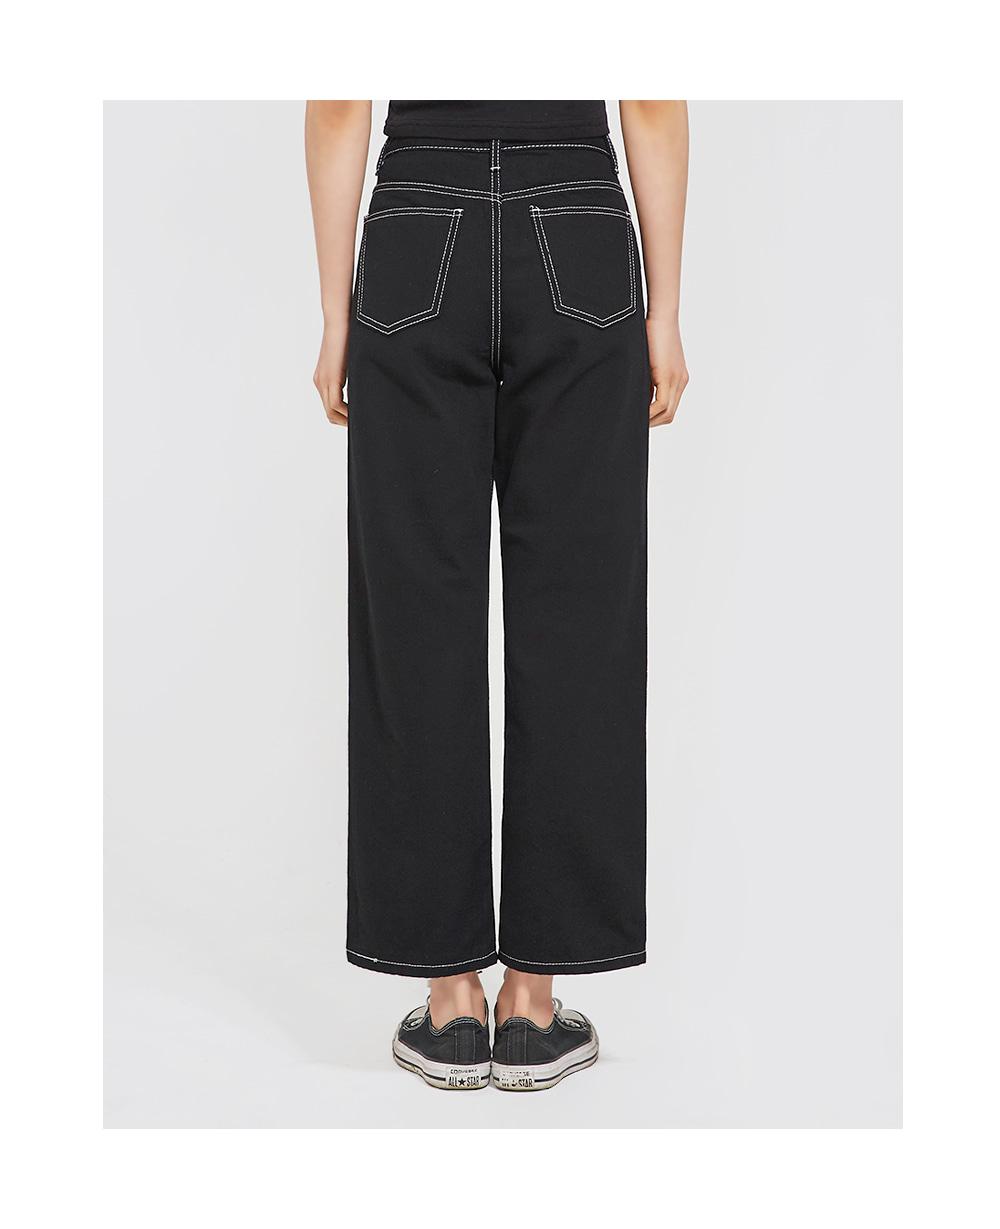 beyond stitch cotton pants (s, m, l)